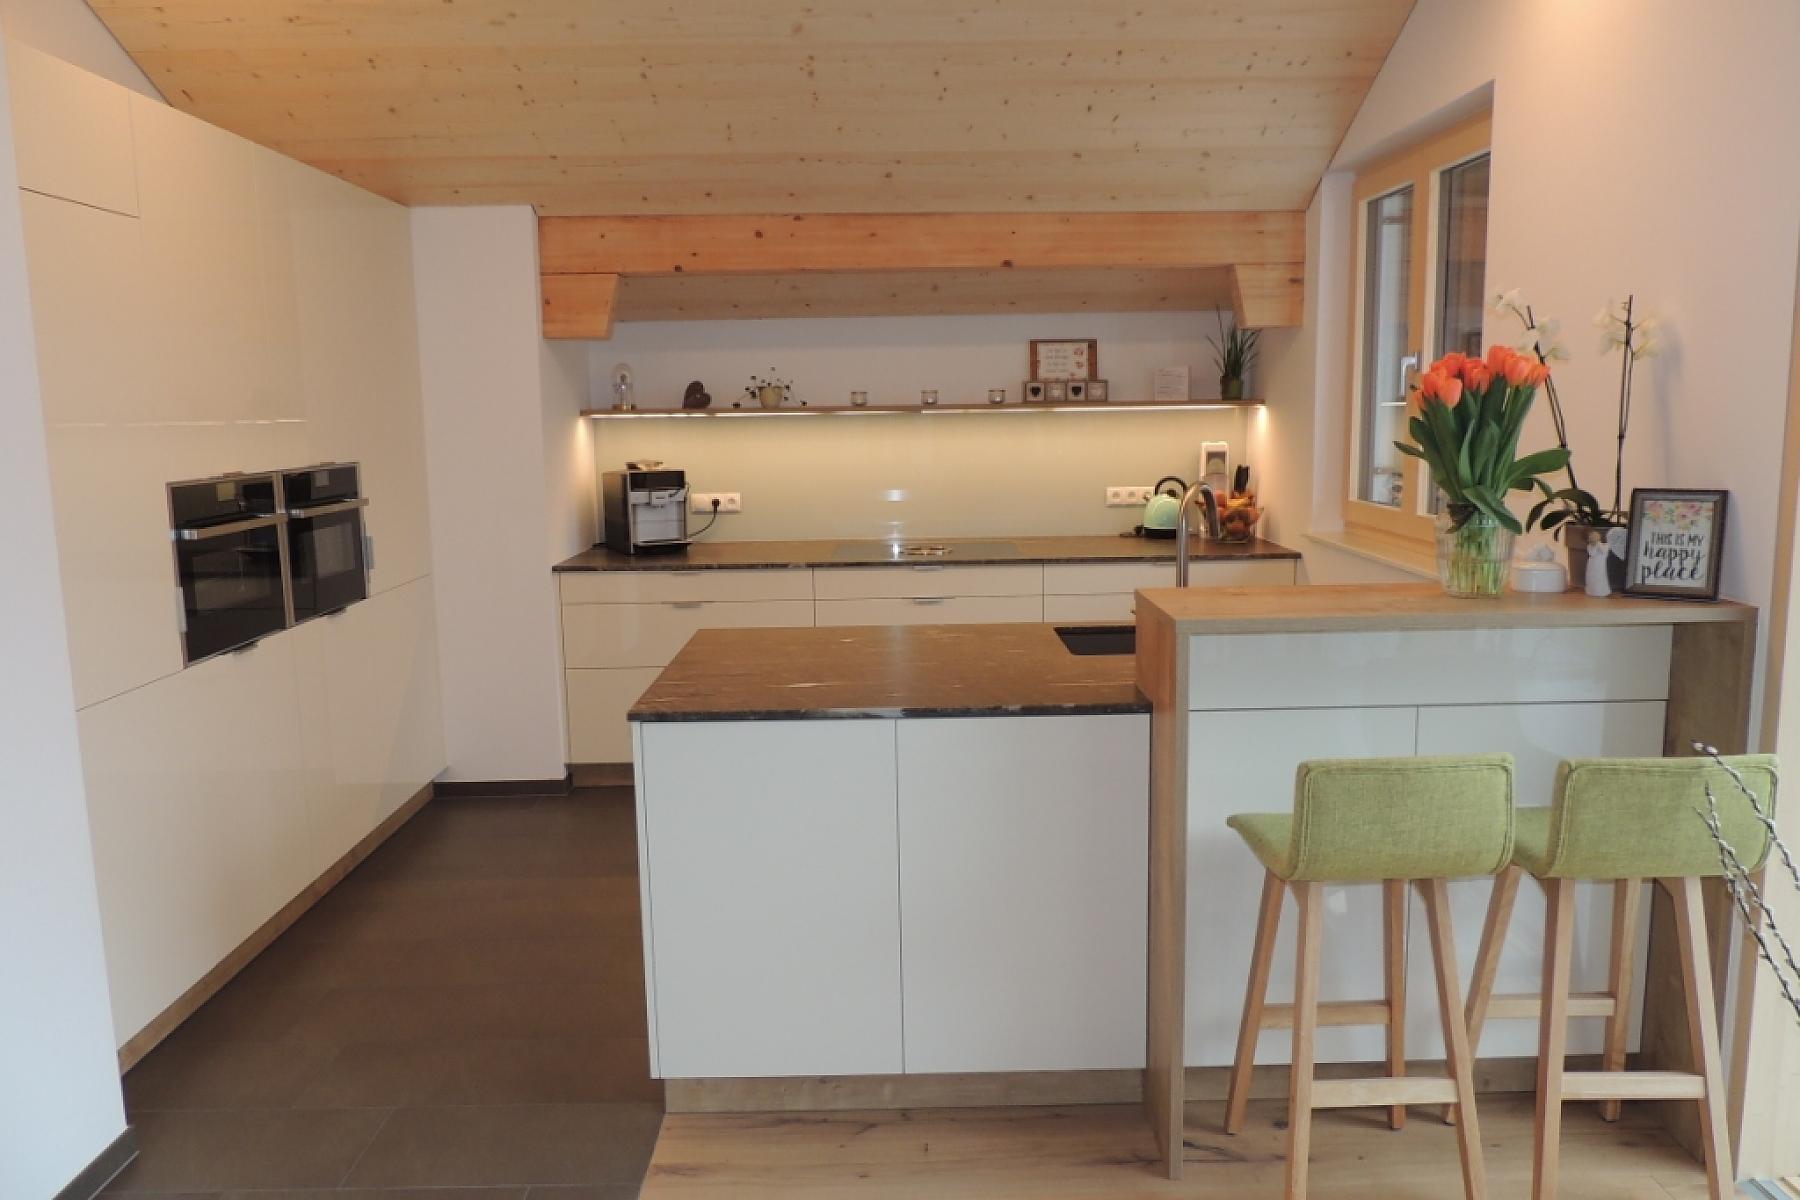 Groß Hütte Küche Renovieren Auf Einem Budget Fotos - Ideen Für Die ...